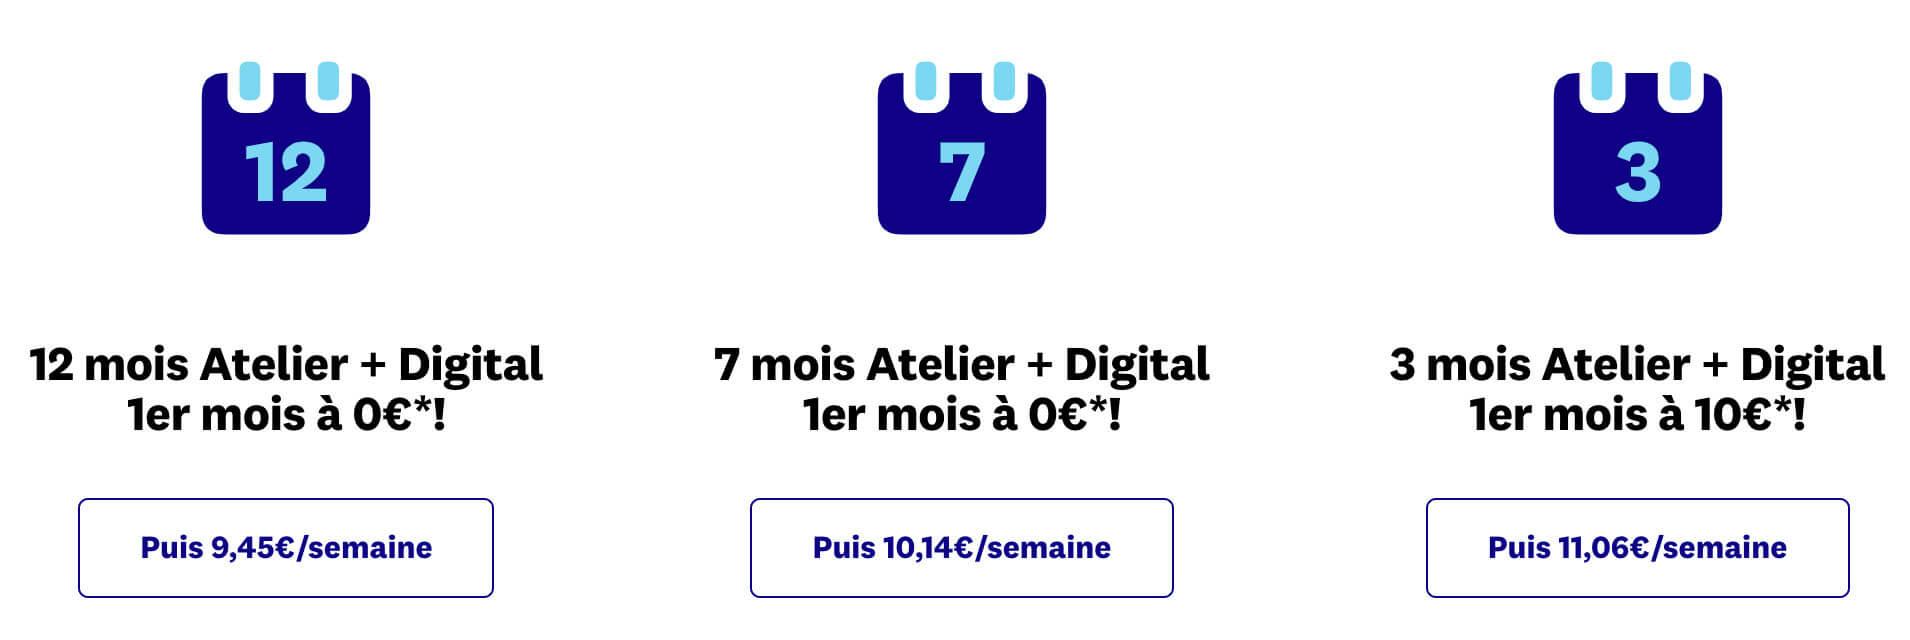 Atelier + digital WW